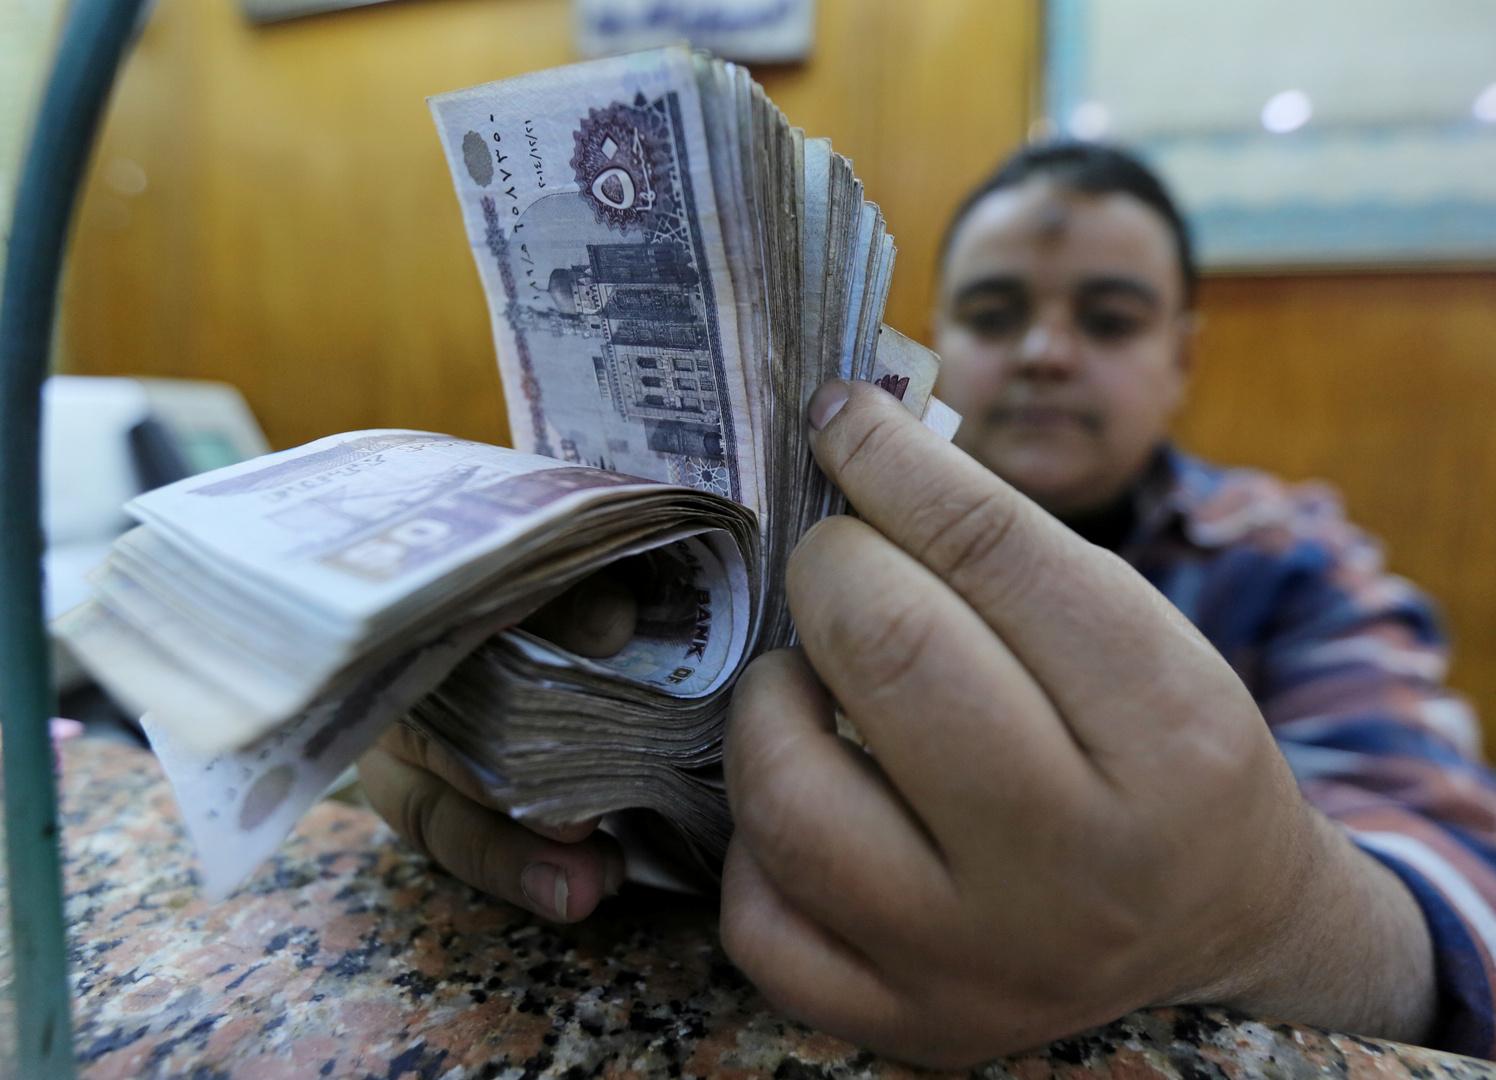 خبيرة مصرفية مصرية: عدد كبير من دول العالم تستخدم العملات البلاستيكية للحد من التزوير